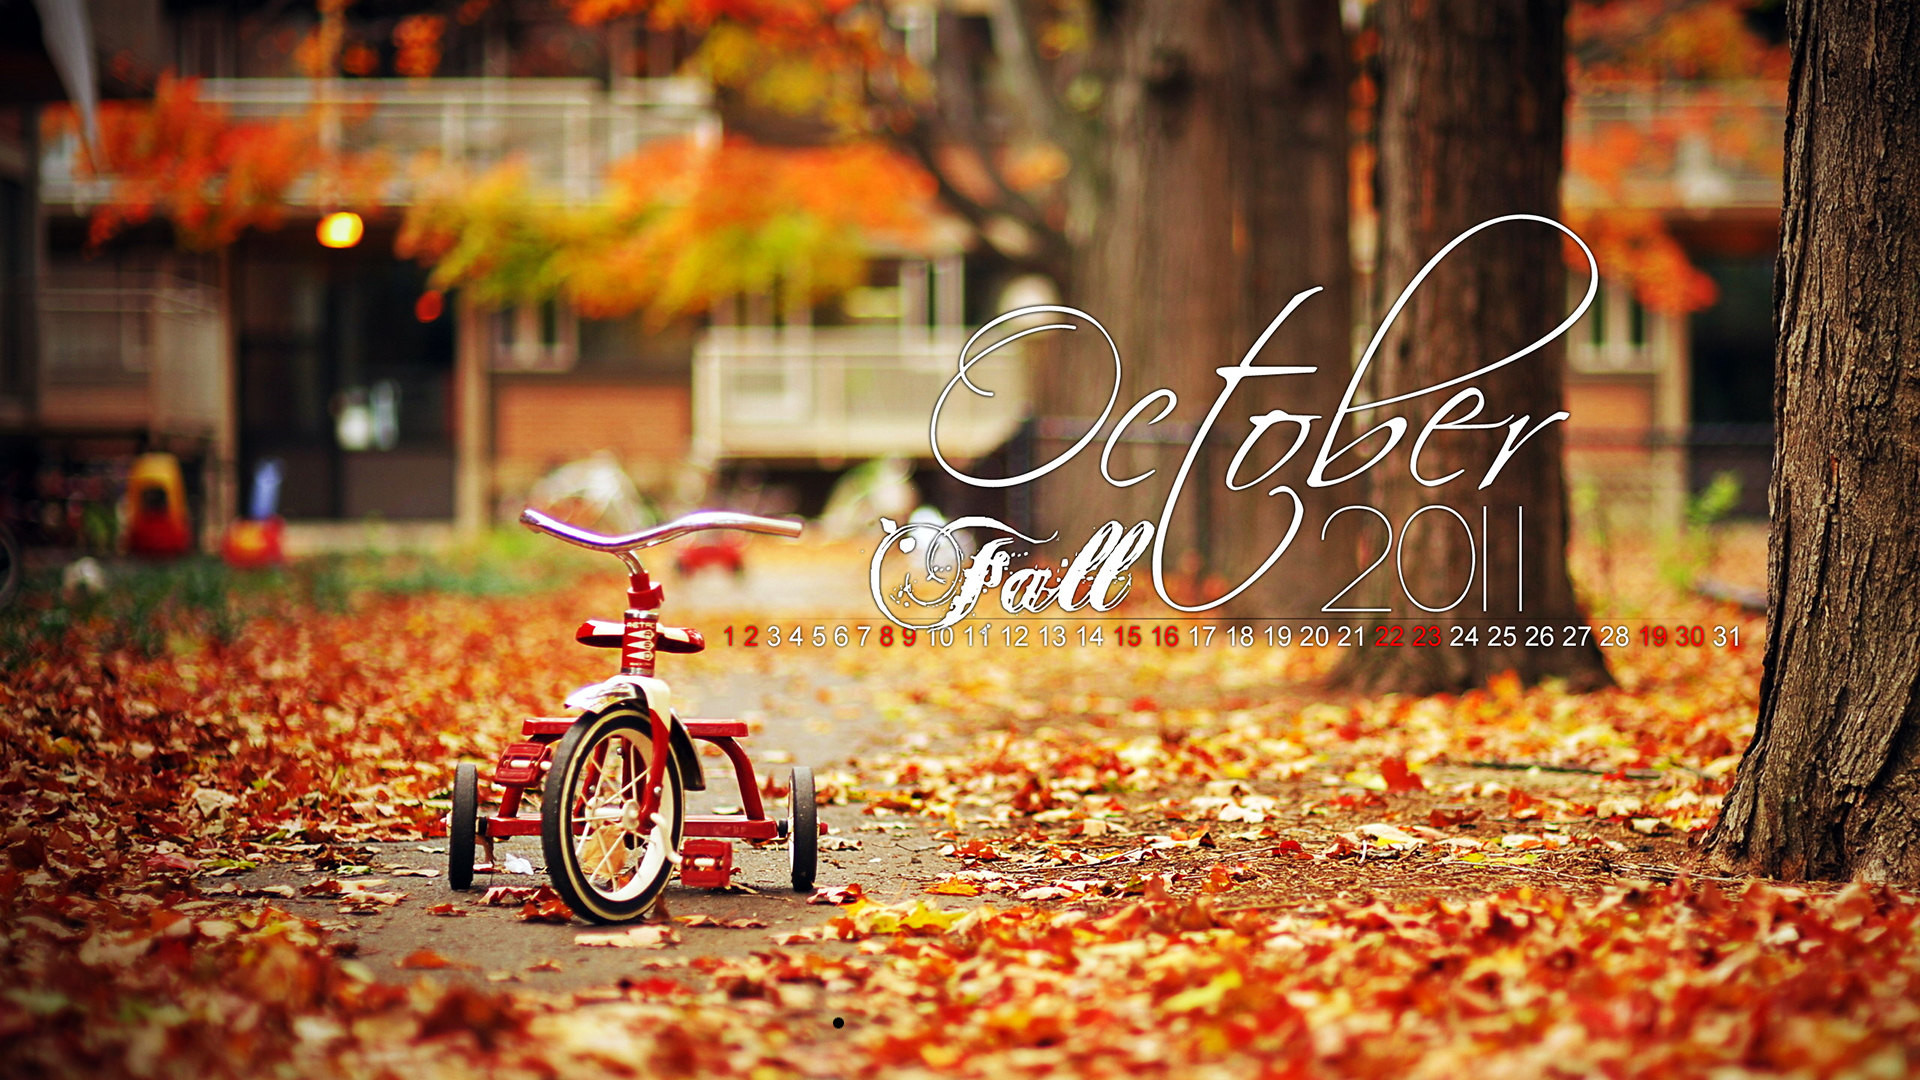 … Fall October Calendar HD Wallpaper Resolution: 1920 x 1200 [1920 x 1080]